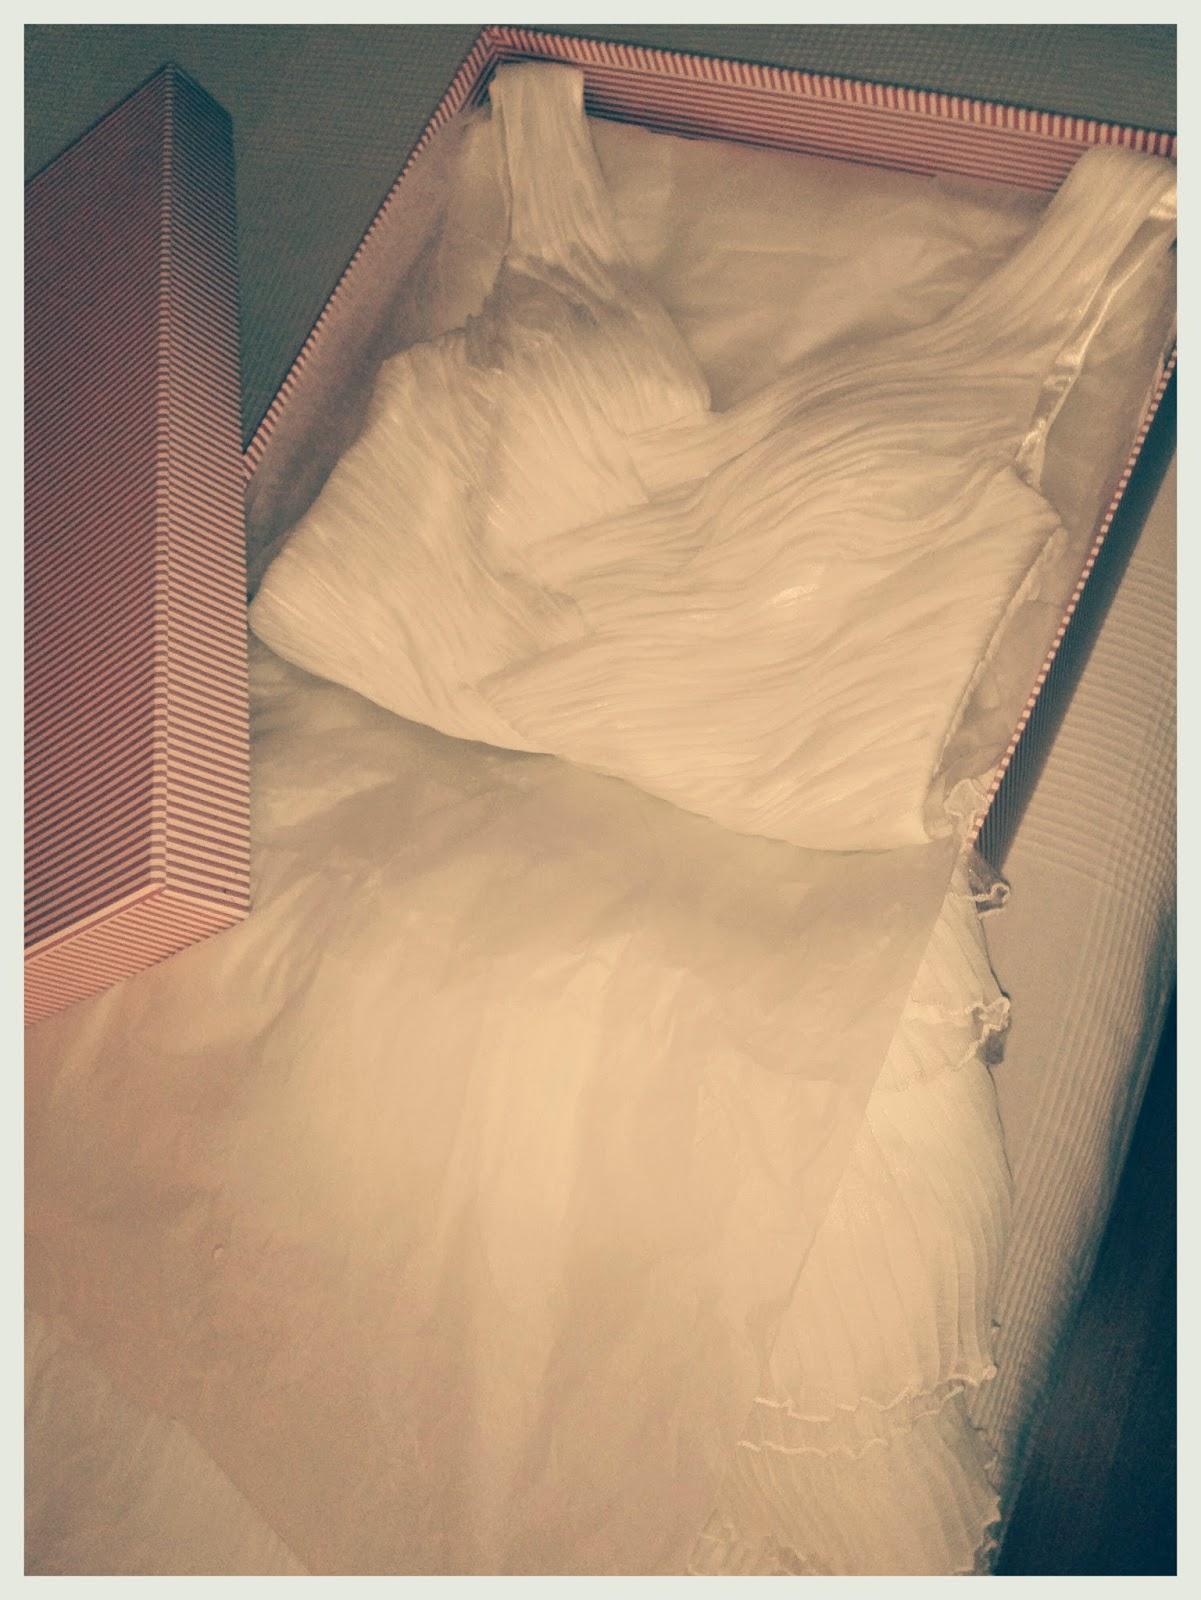 Sentidos y sinsentidos: Cosas prácticas: Lavar el vestido de novia ...